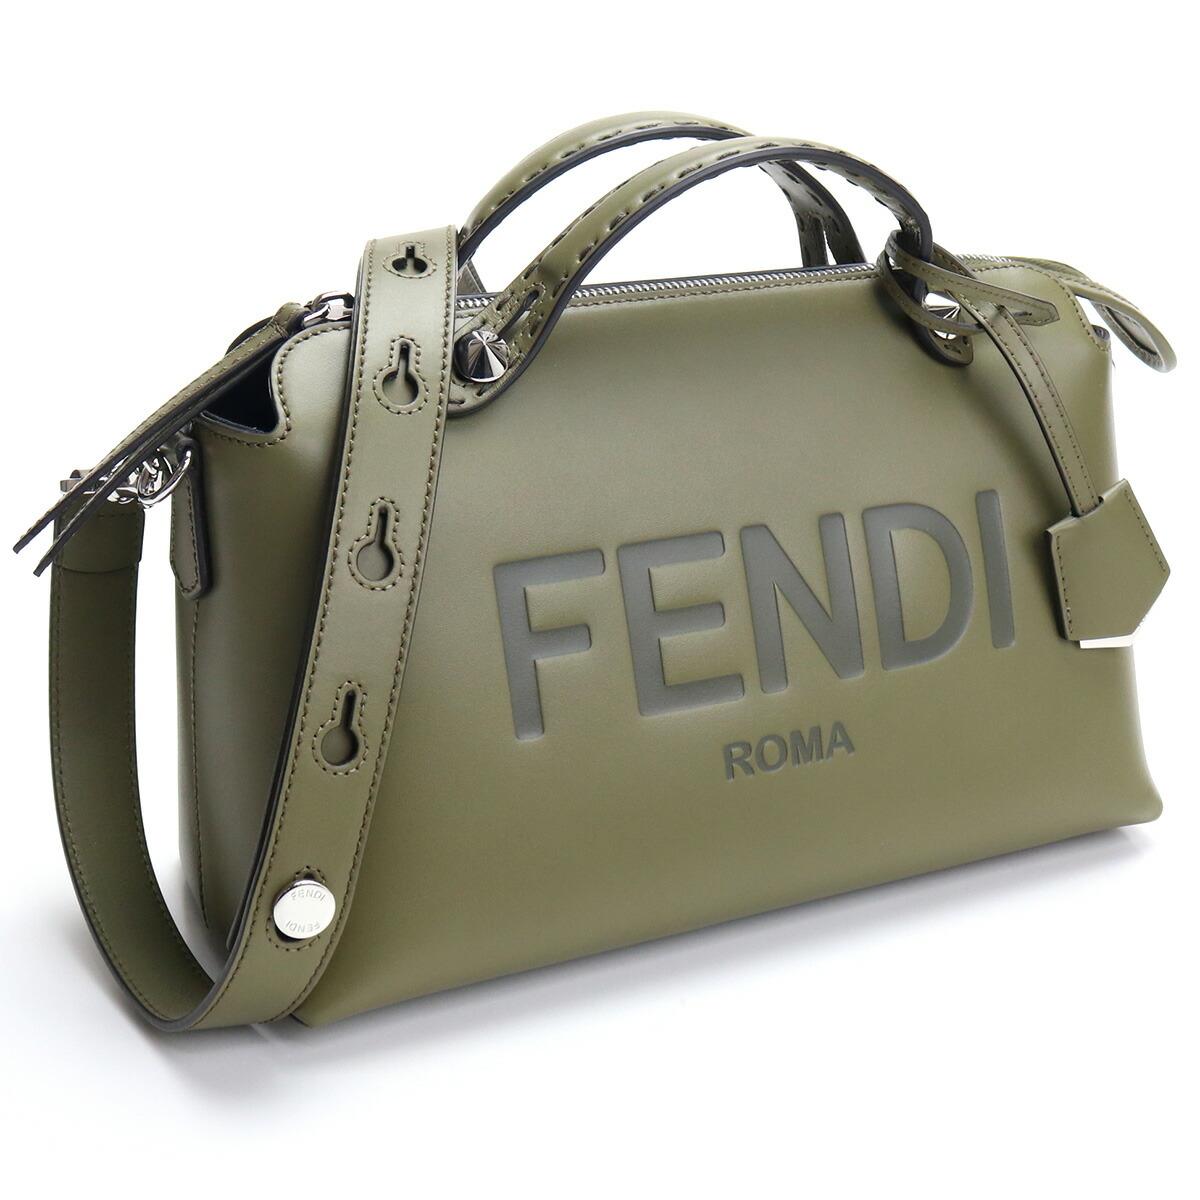 フェンディ FENDI ハンドバッグ 8BL146 AC9L F1DGD バイ ザ ウェイ BY THE WAY ショルダー付き 2WAY カーキ bos-15 bag-01 レディース